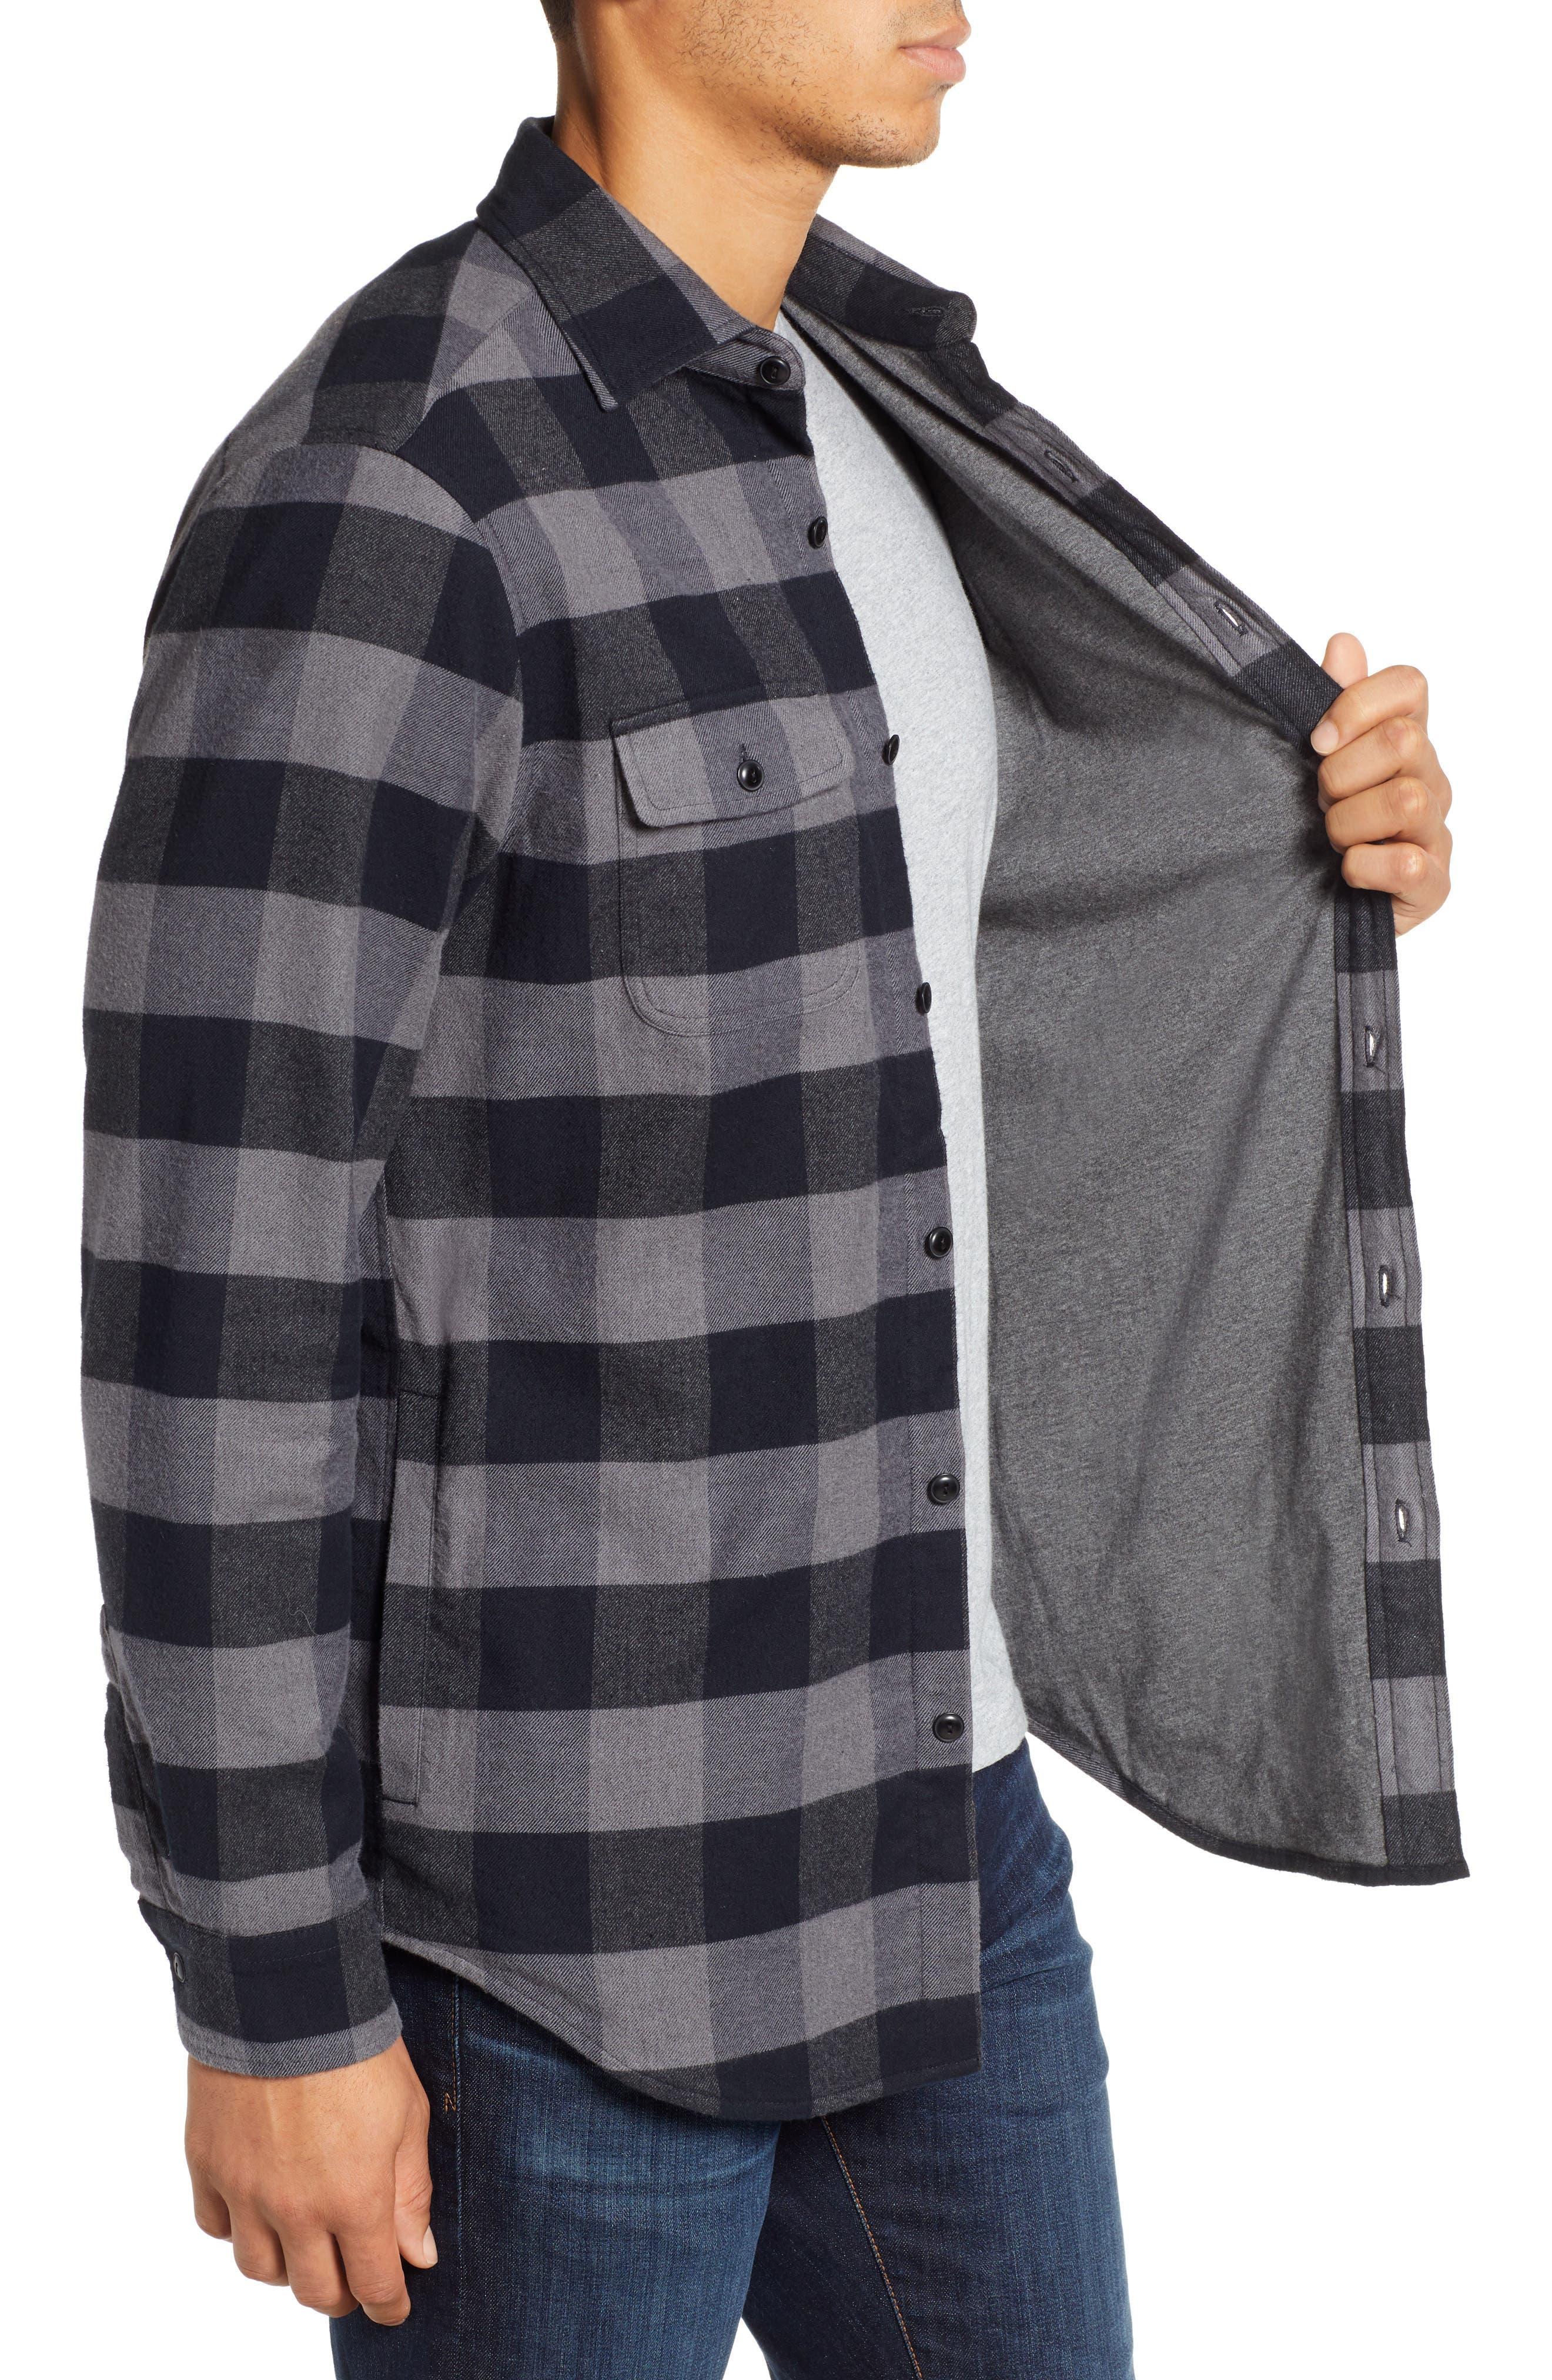 Deepwood Regular Fit Lined Flannel Shirt Jacket,                             Alternate thumbnail 4, color,                             EVENING SKY